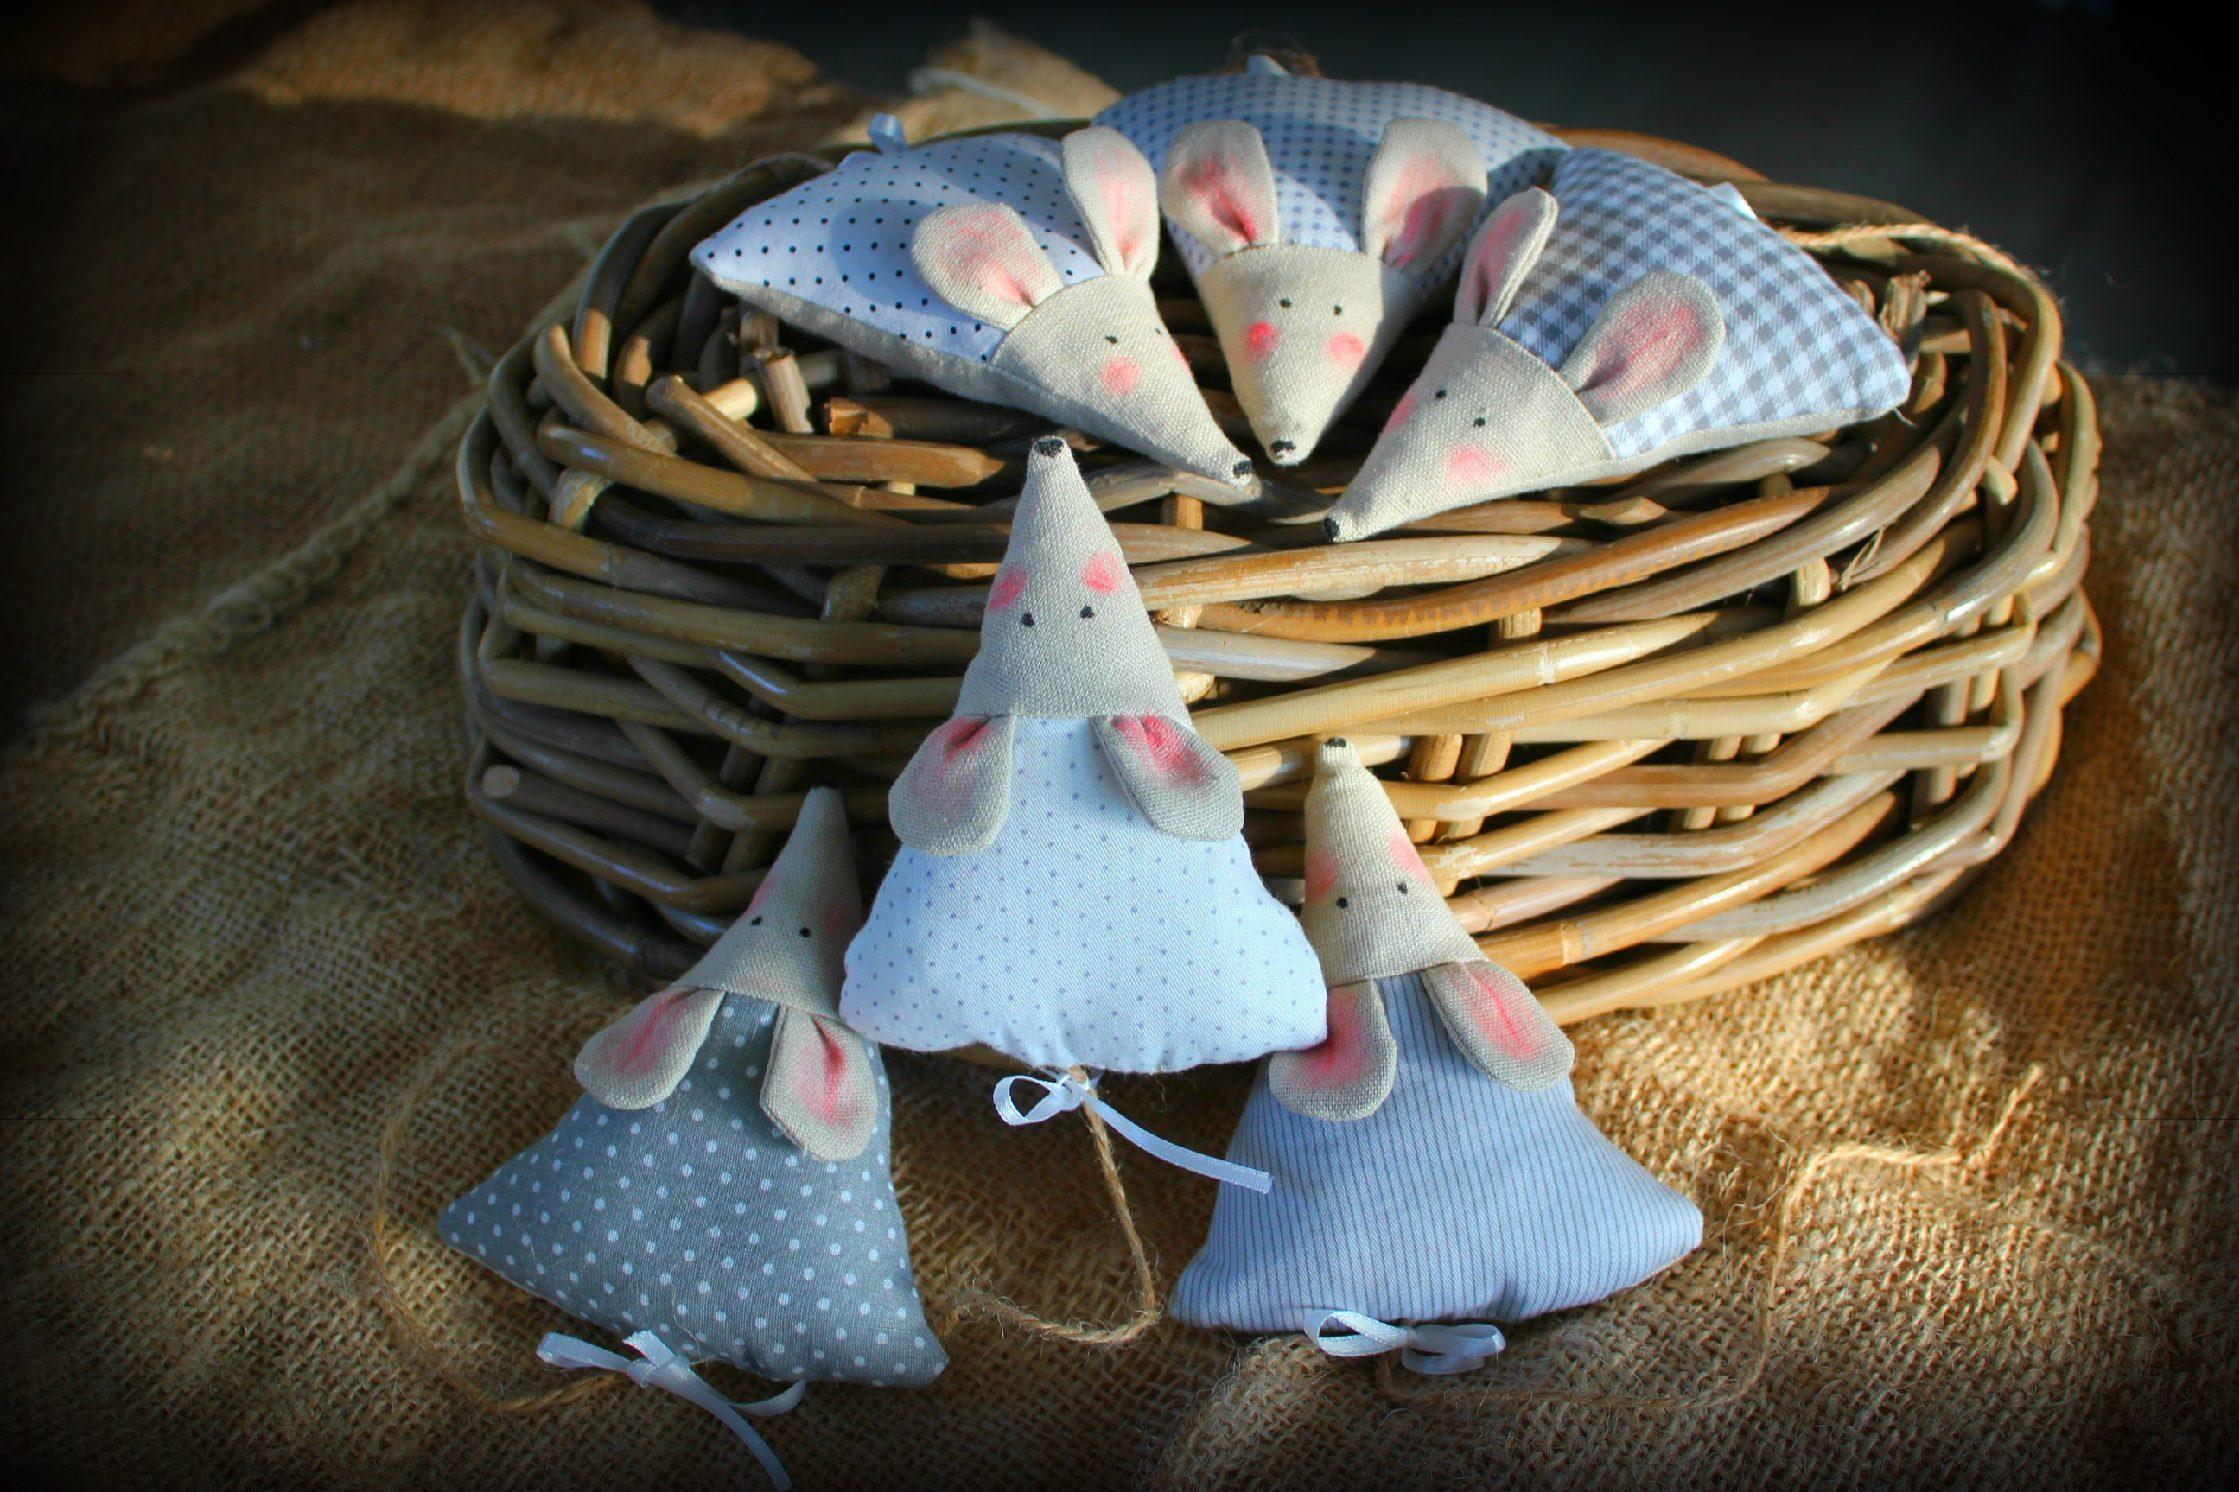 ratos, tecido, sacos, artesanía, artesanato - Papéis de parede HD - Professor-falken.com